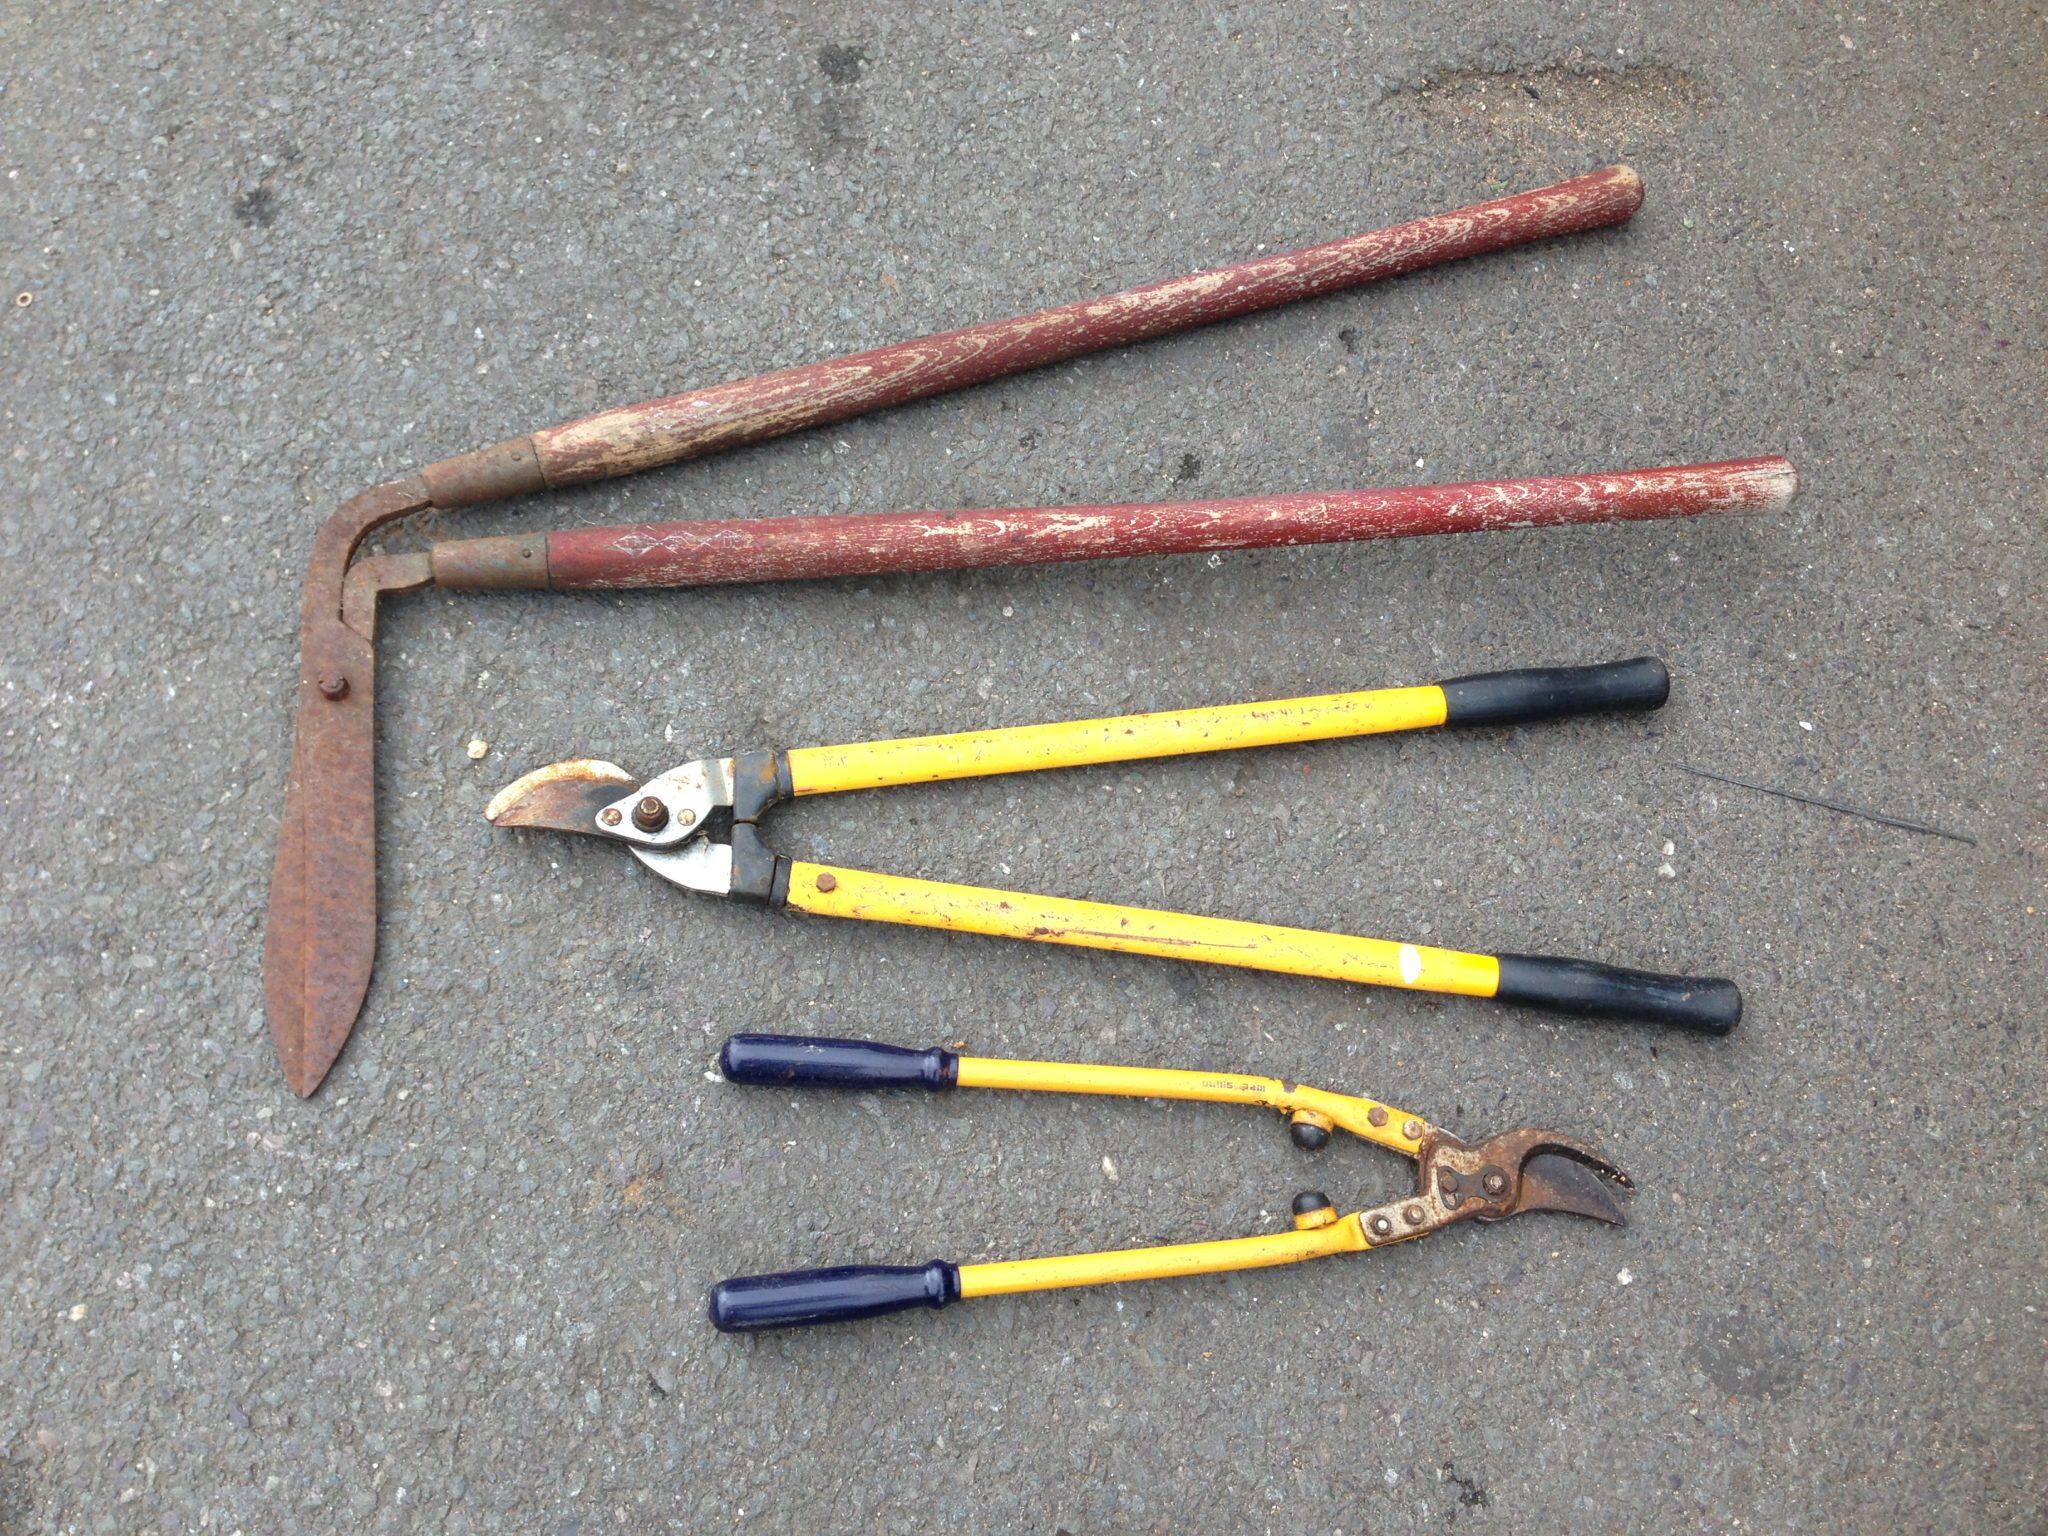 Gardening Hand Tools - IMG_4612